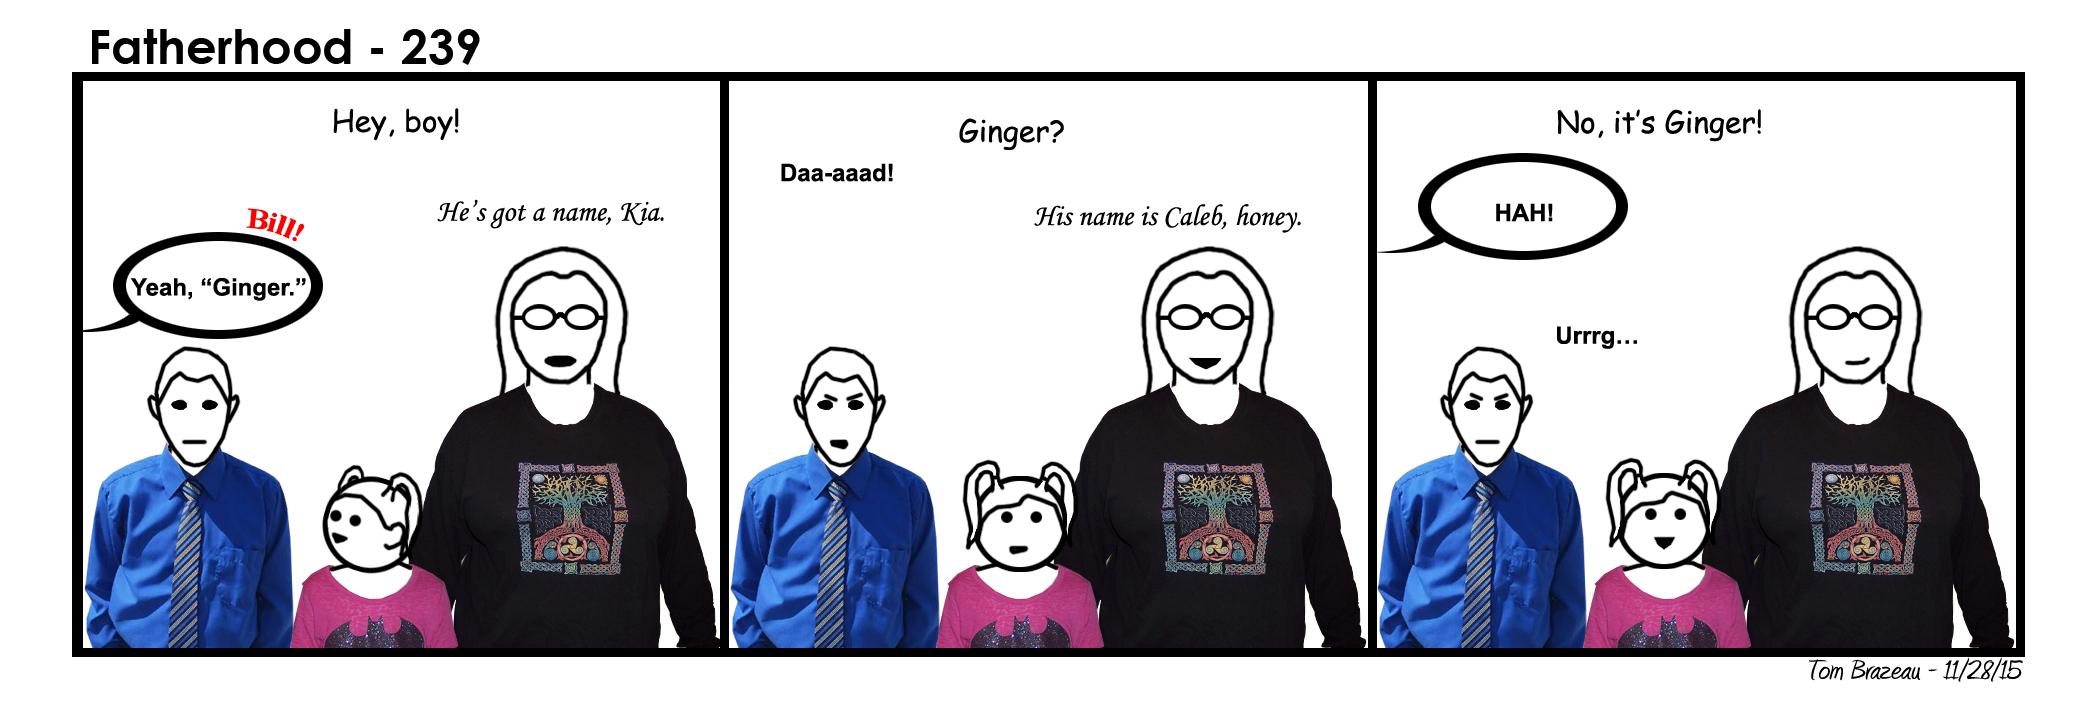 Fatherhood 239